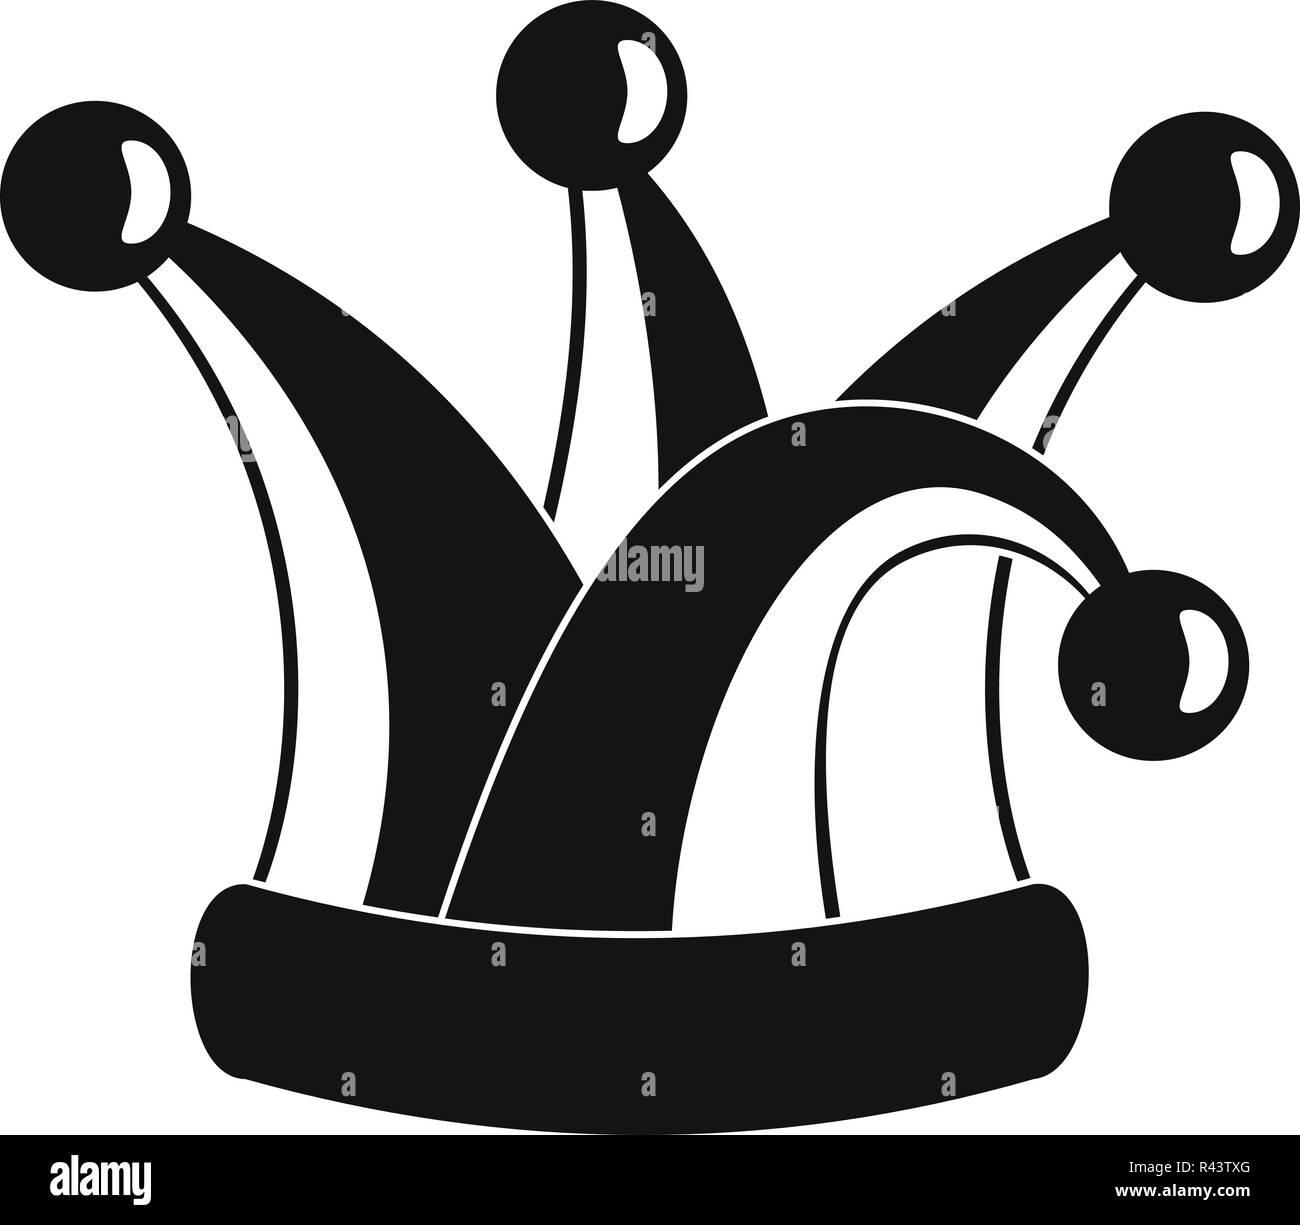 Sombrero de bufón real icono. Simple ilustración de royal jester hat icono  vectoriales para diseño web aislado sobre fondo blanco. fb0b5a87530